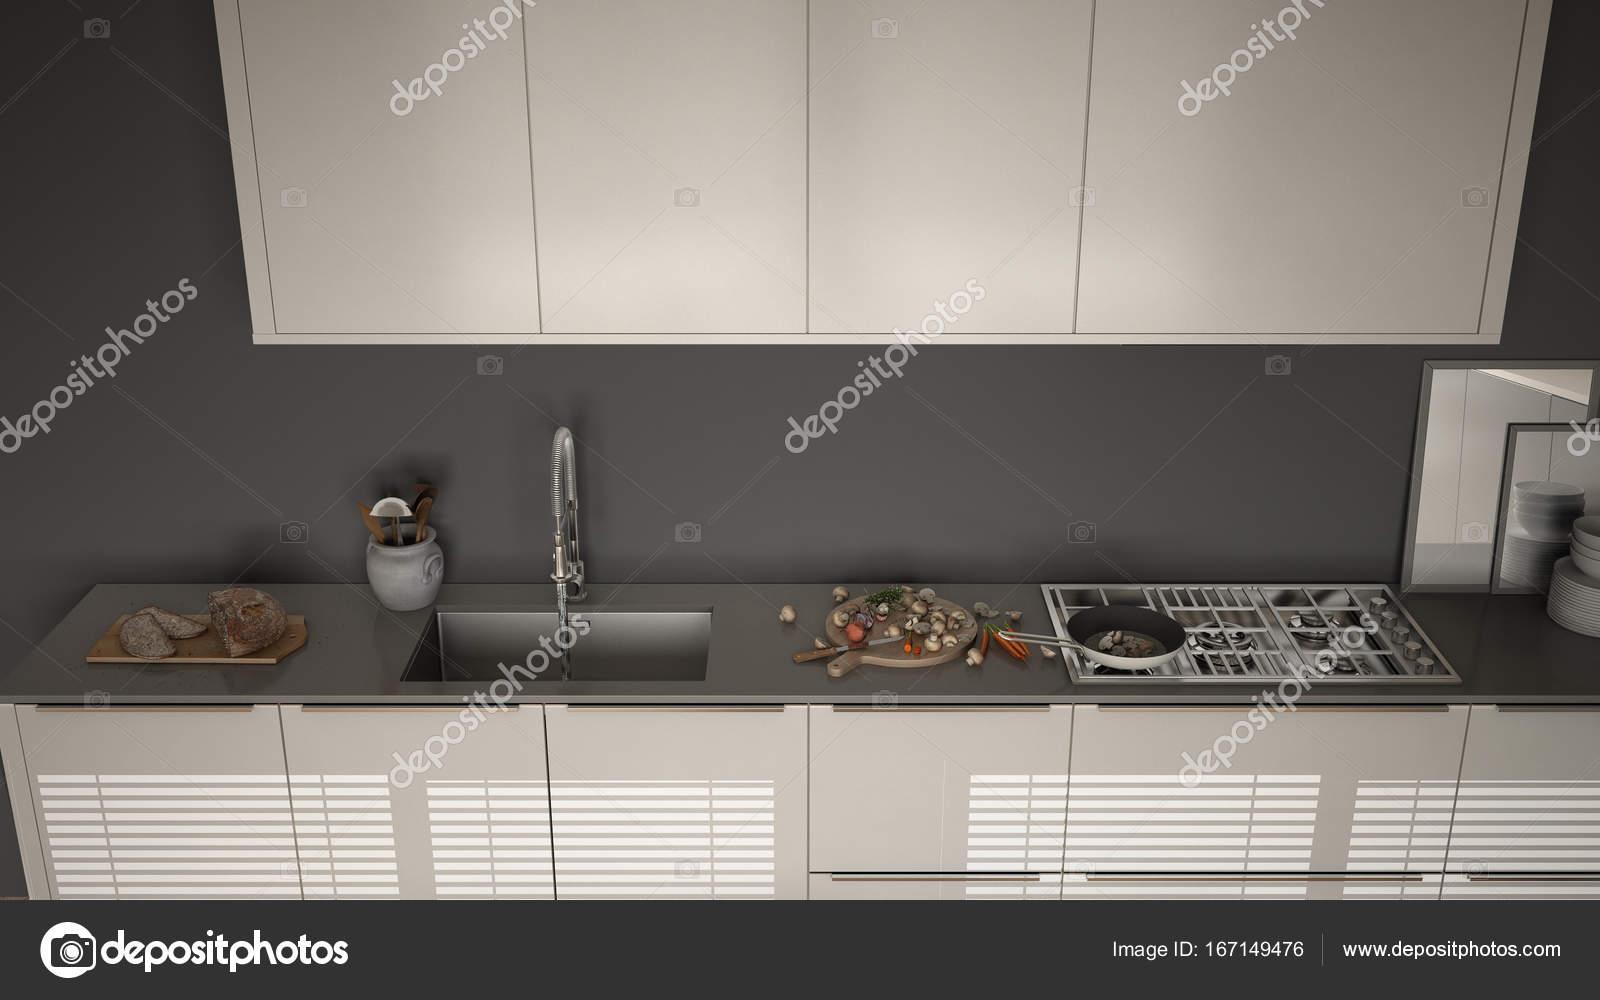 Moderne keuken met aanrecht en fornuis koken pan en voedsel